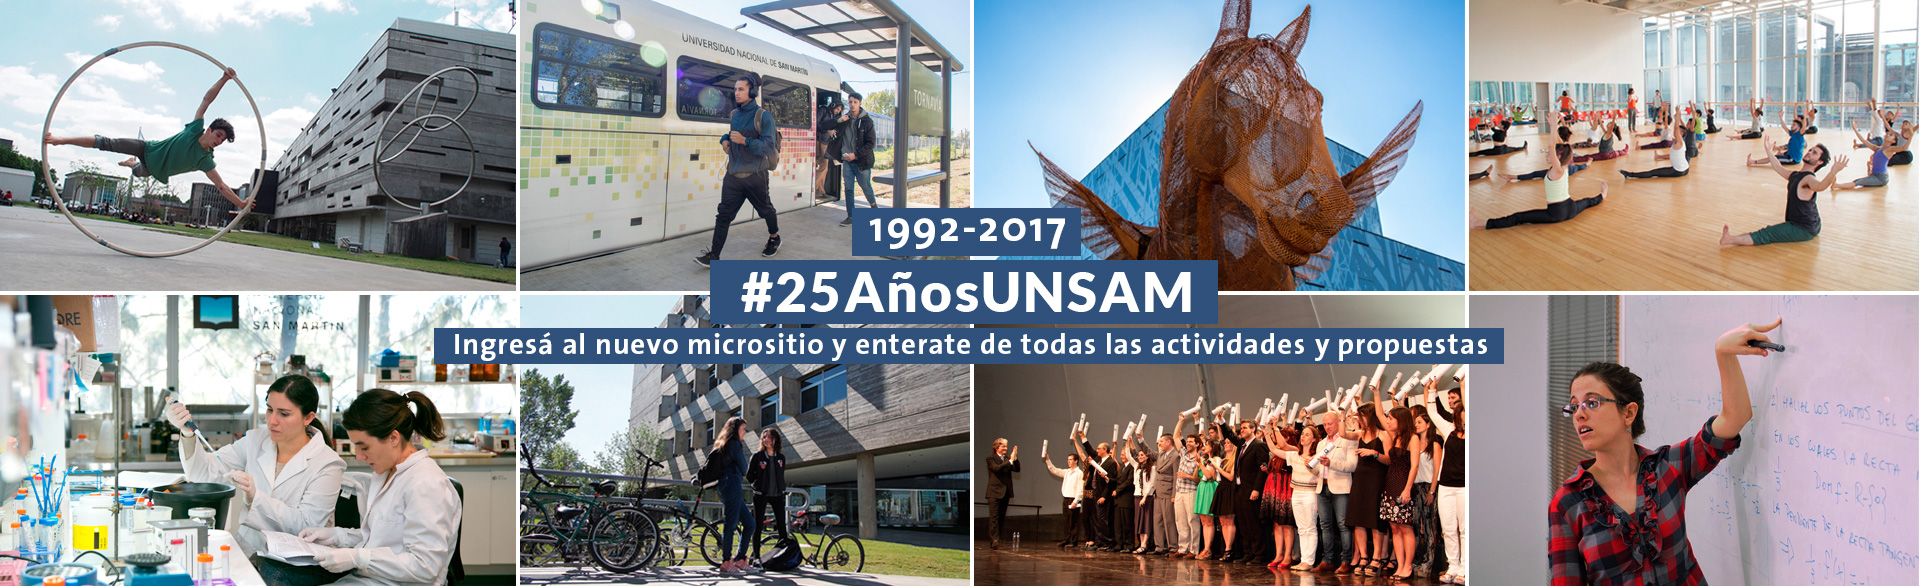 #25AñosUNSAM